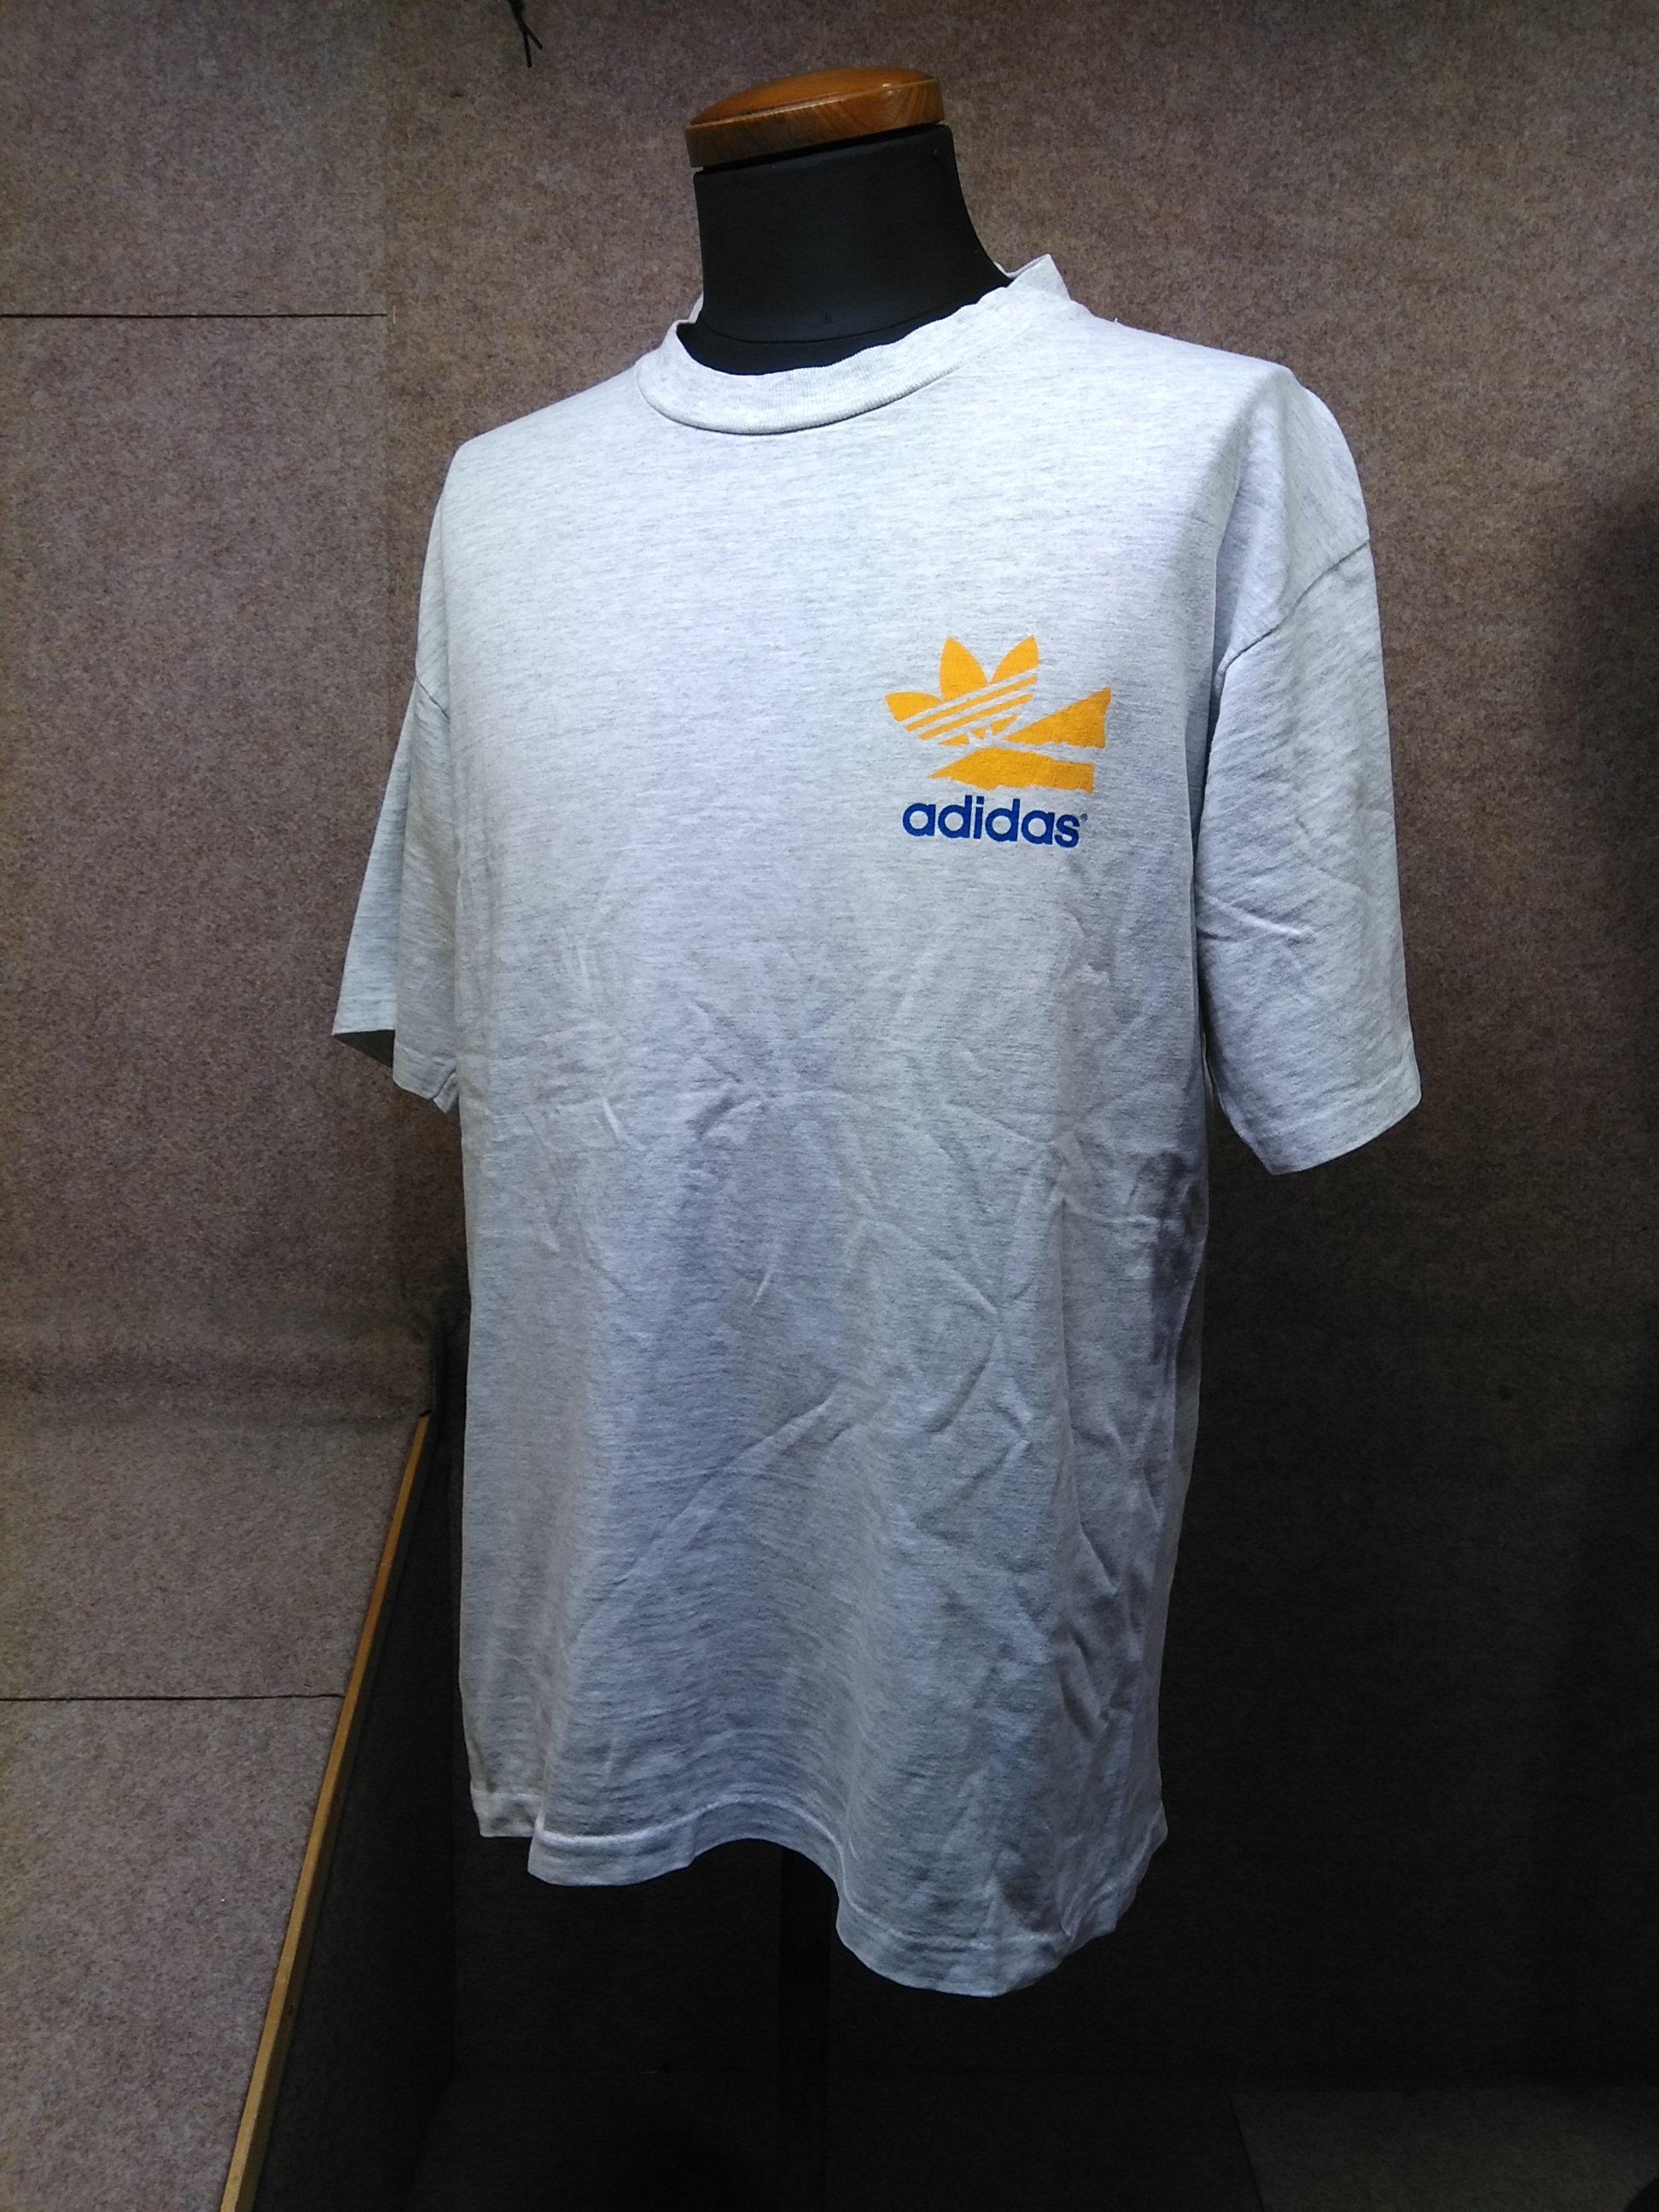 adidas アディダス Tシャツ USA 霜降り ヴィンテージ mh779e